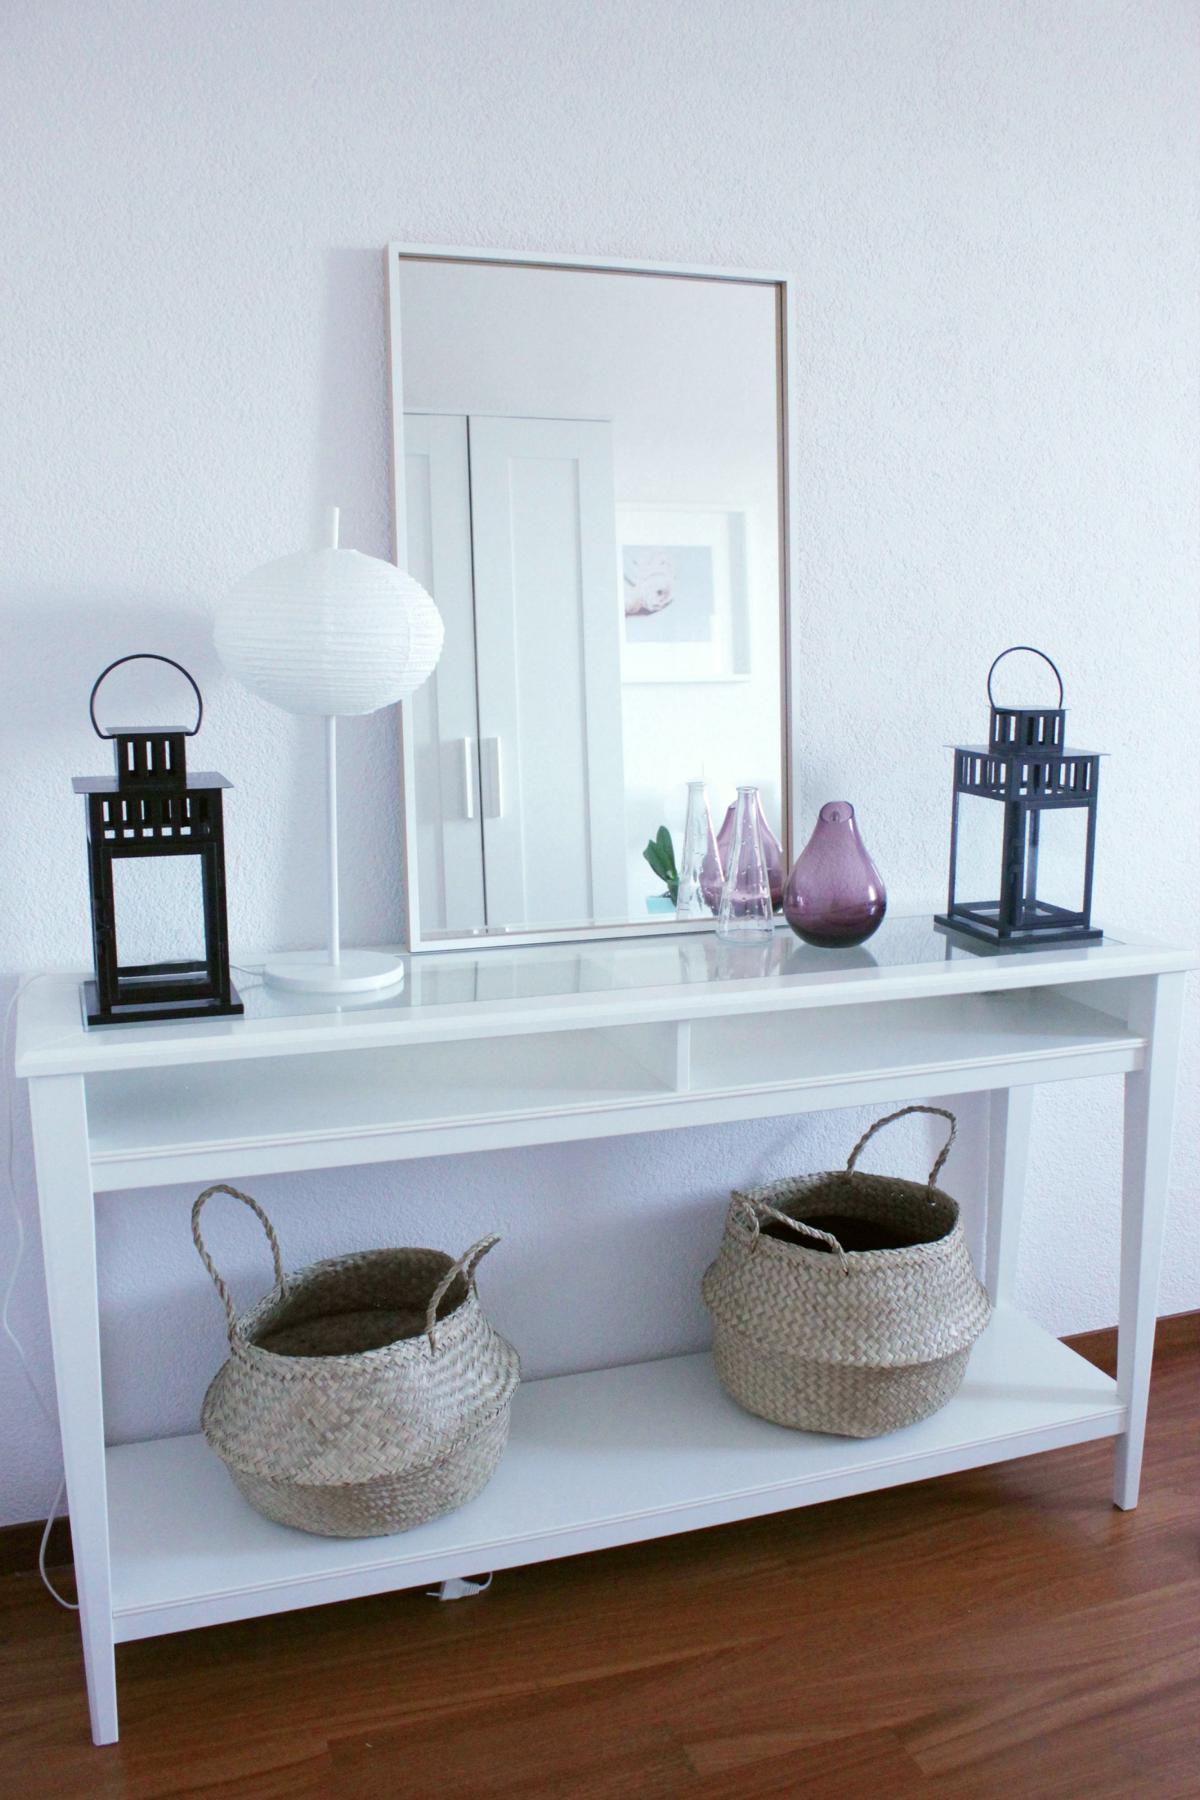 Awesome Schlafzimmer Deko Ideen Pictures - Ideas & Design